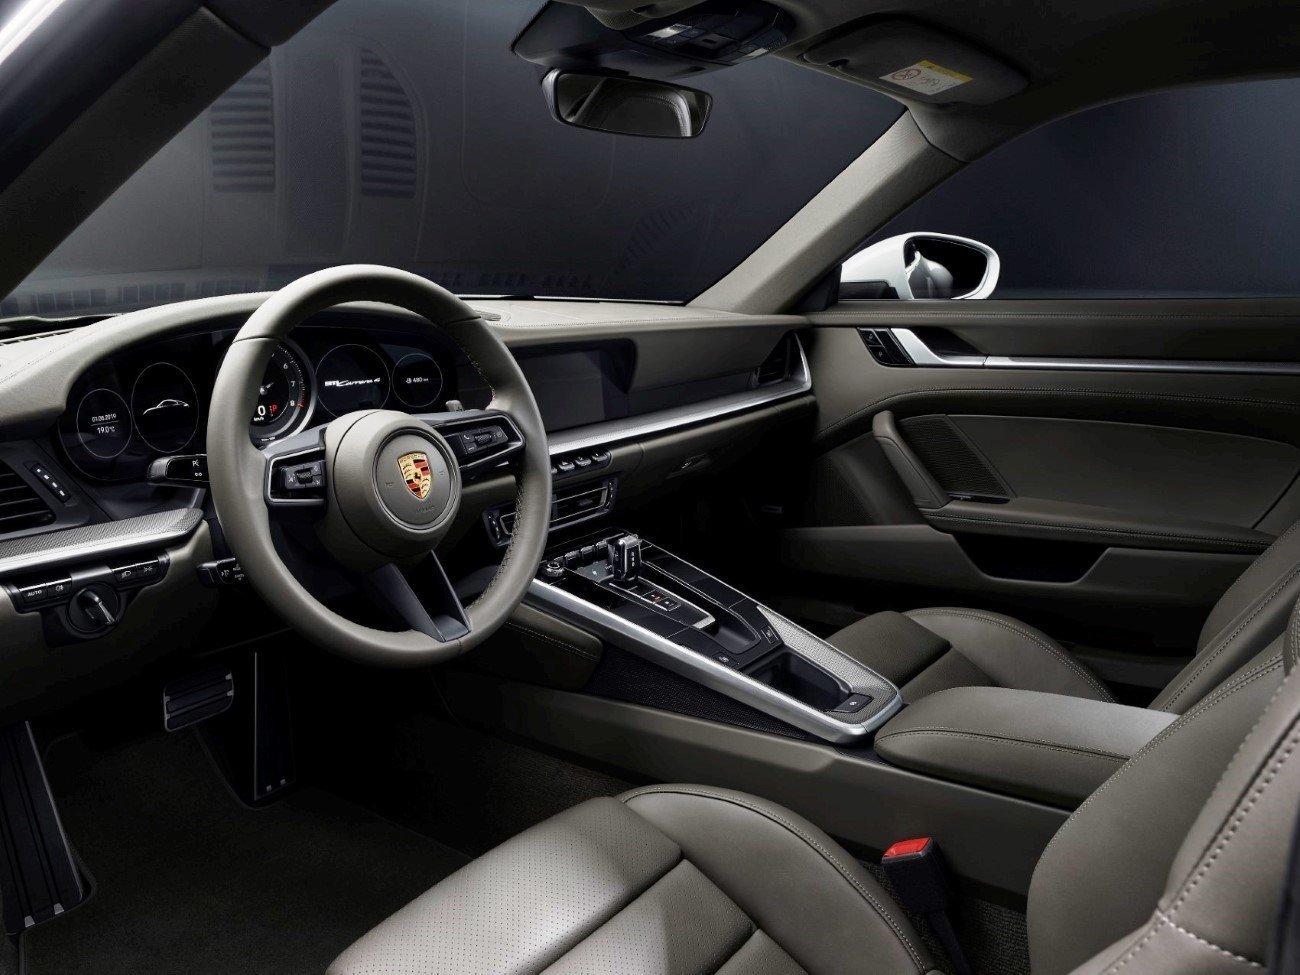 THE NEW PORSCHE 911 CARRERA 4 CABRIO